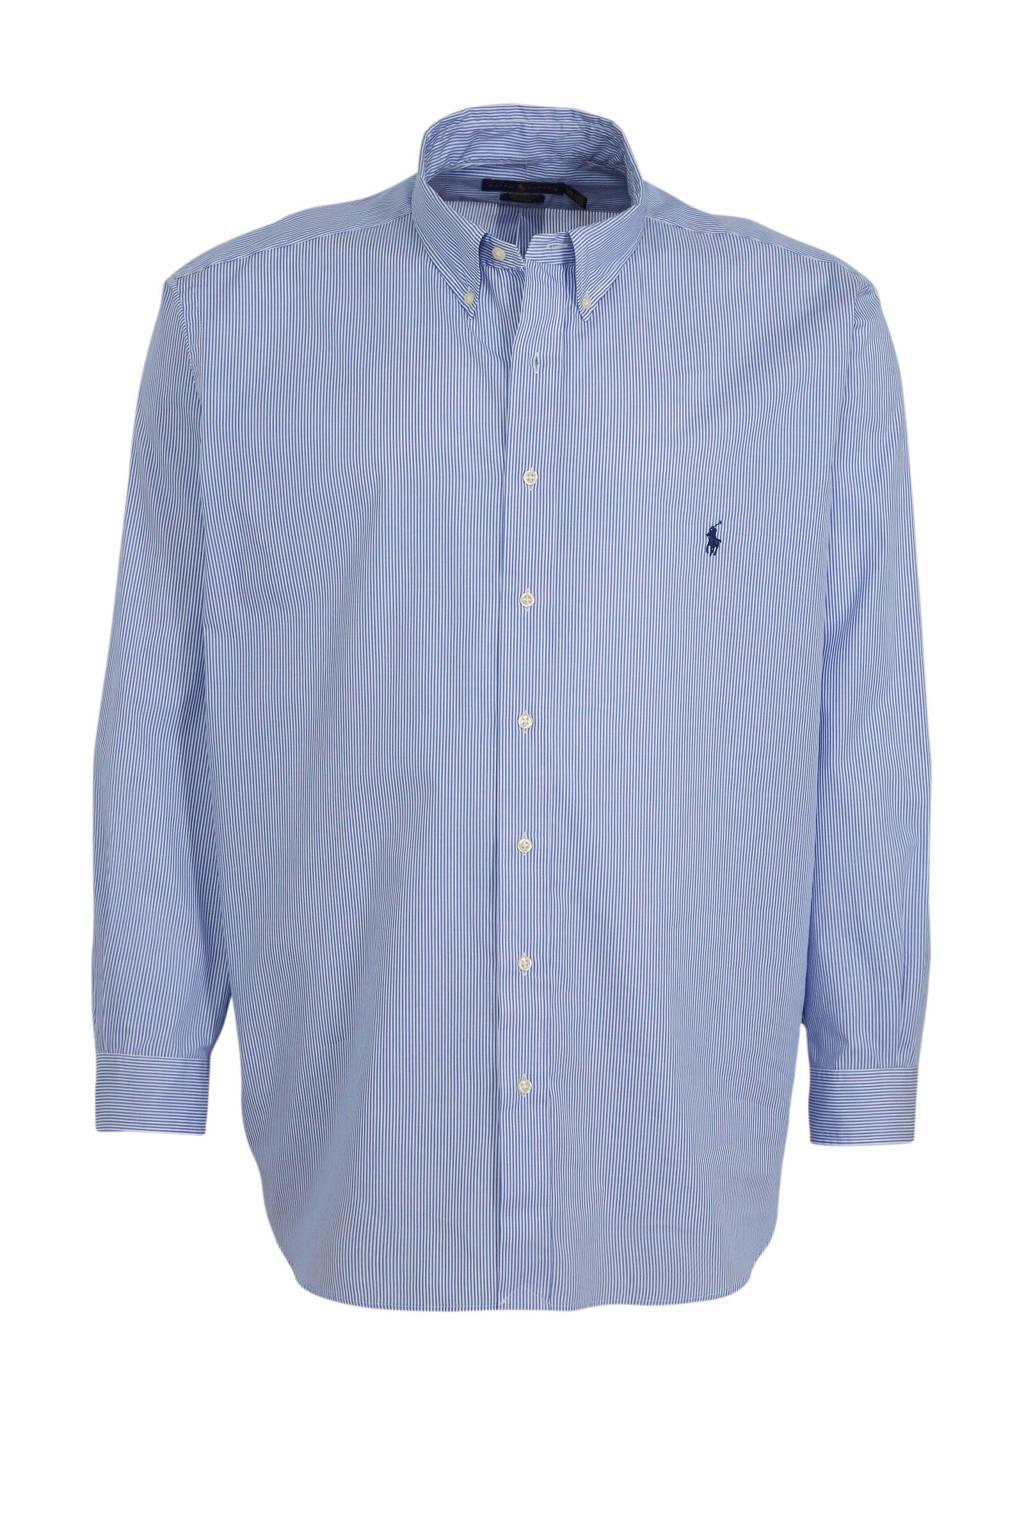 POLO Ralph Lauren Big & Tall +size gestreept regular fit overhemd lichtblauw, Lichtblauw